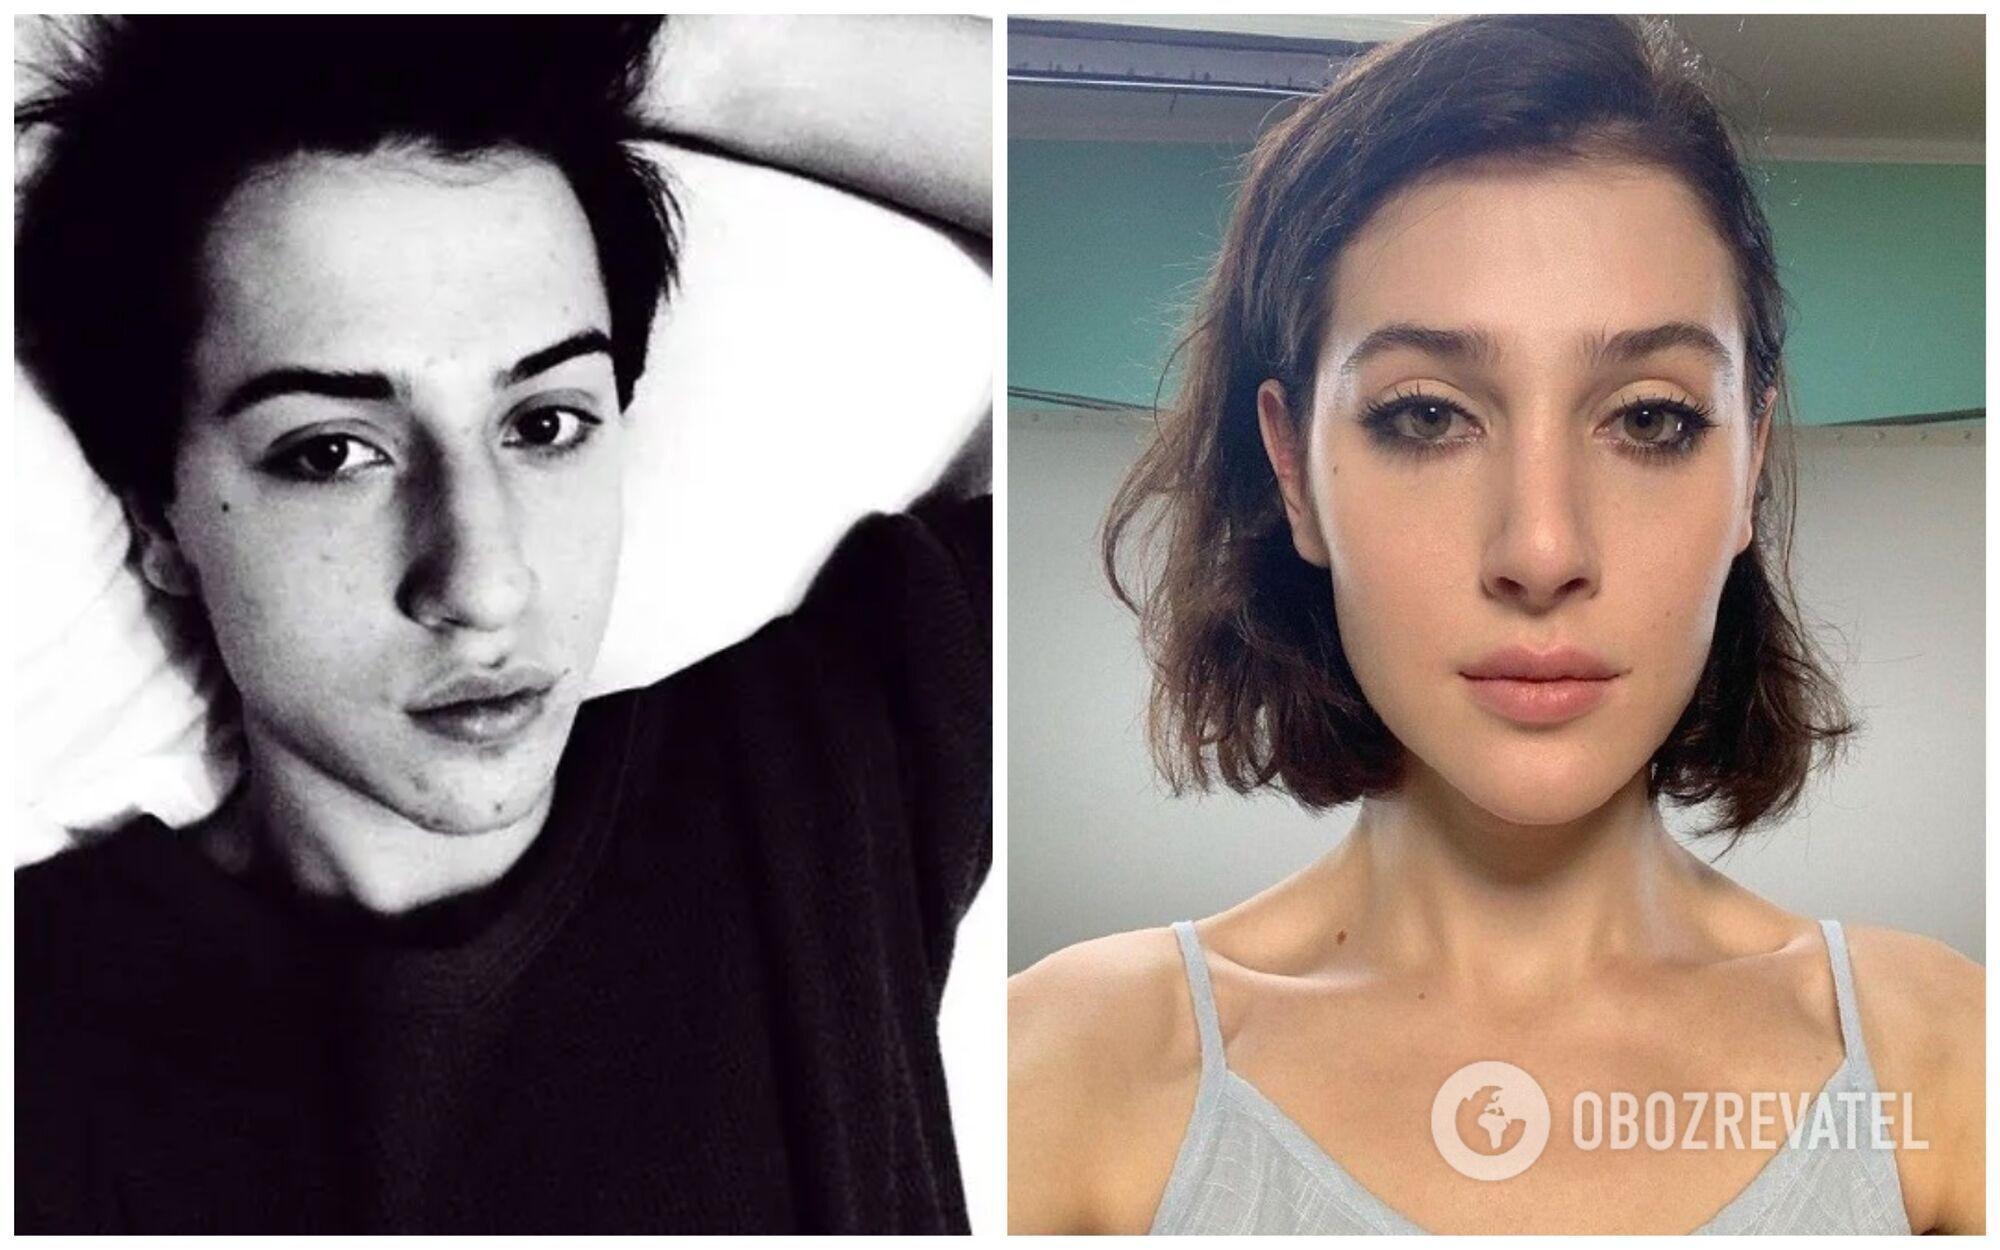 Софи Беридзе до и после смены пола